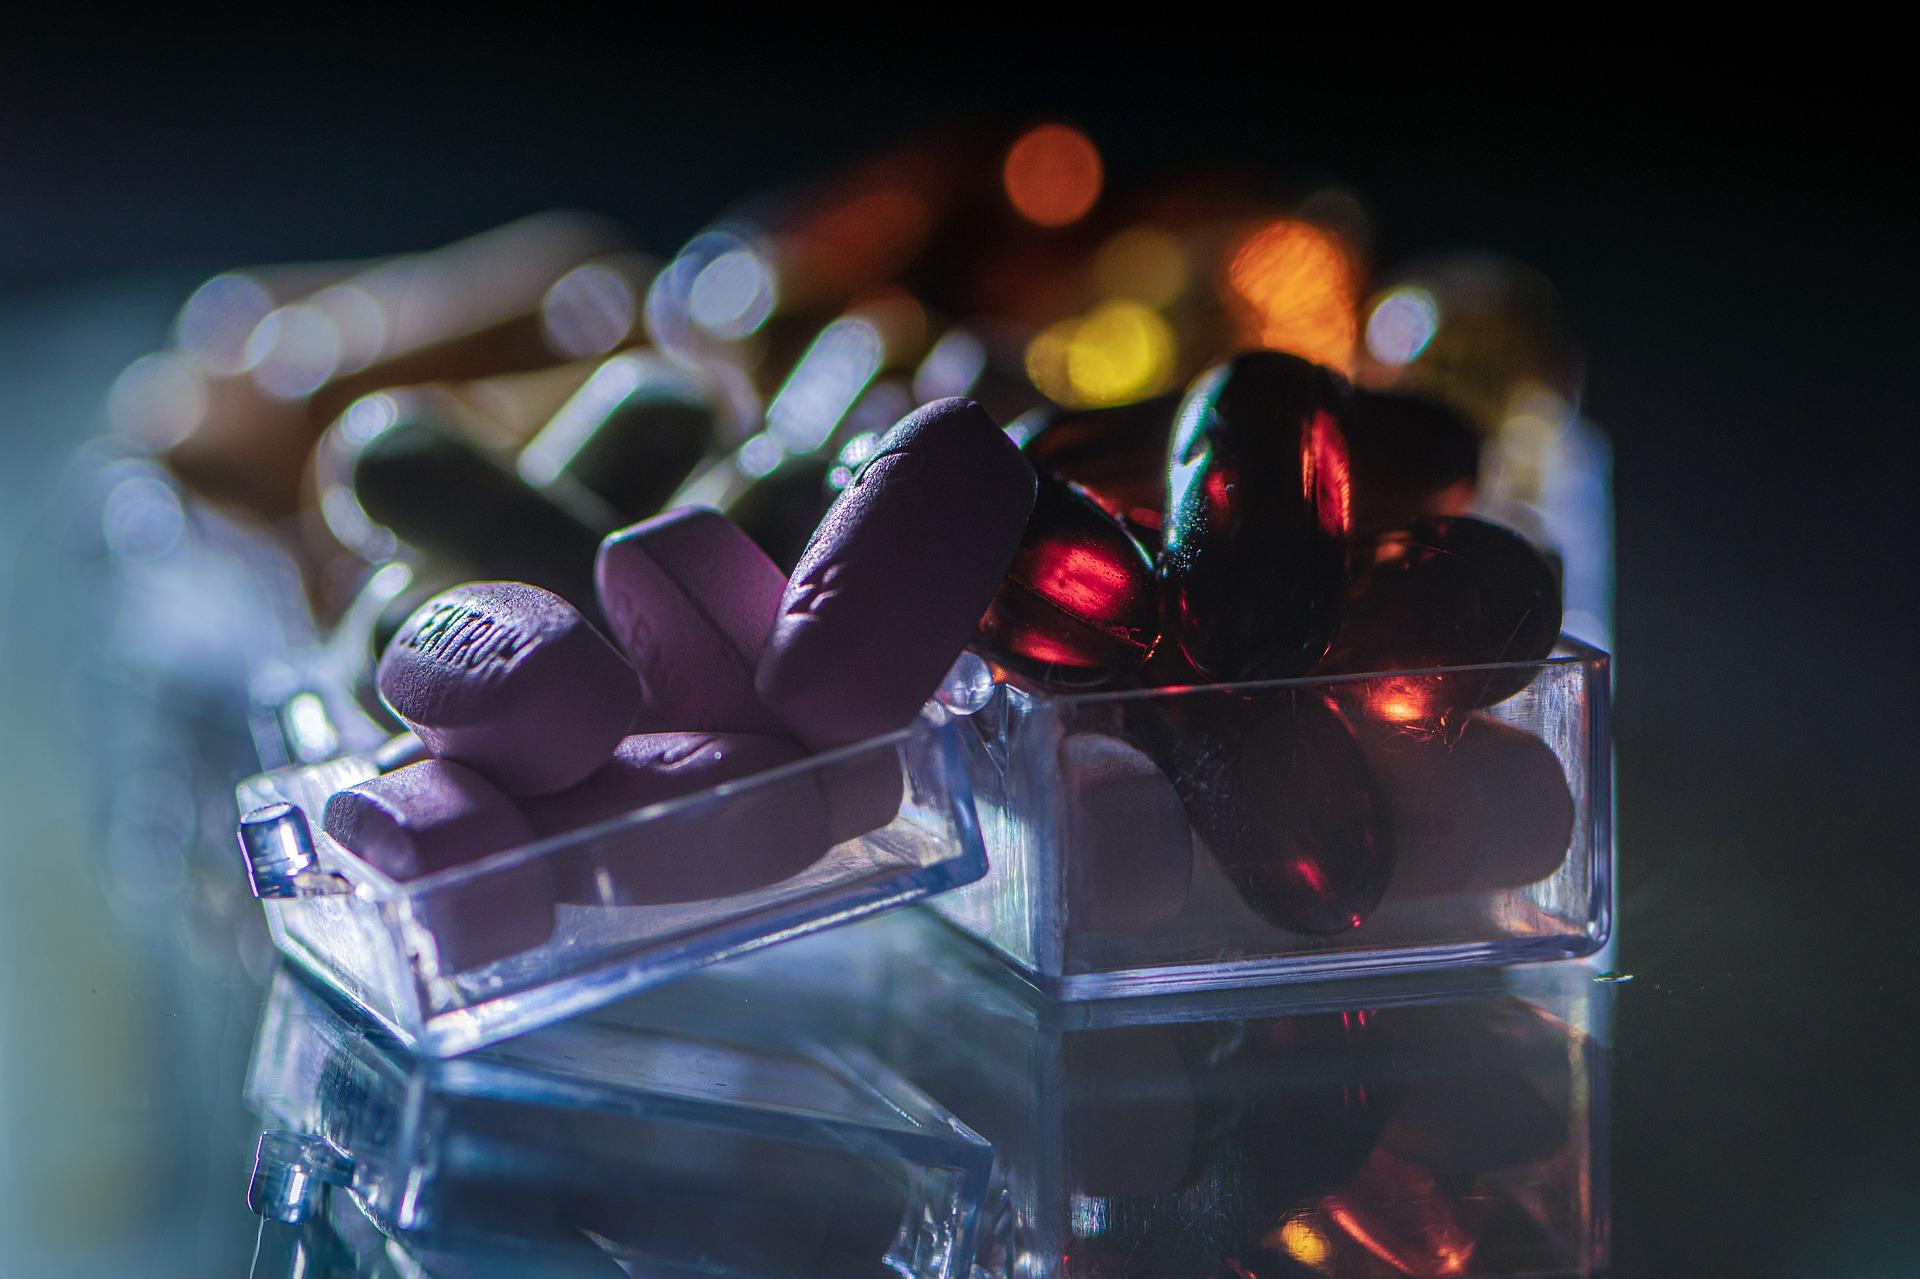 Terapia de redução de substratos: uma nova abordagem para as doenças lisossômicas